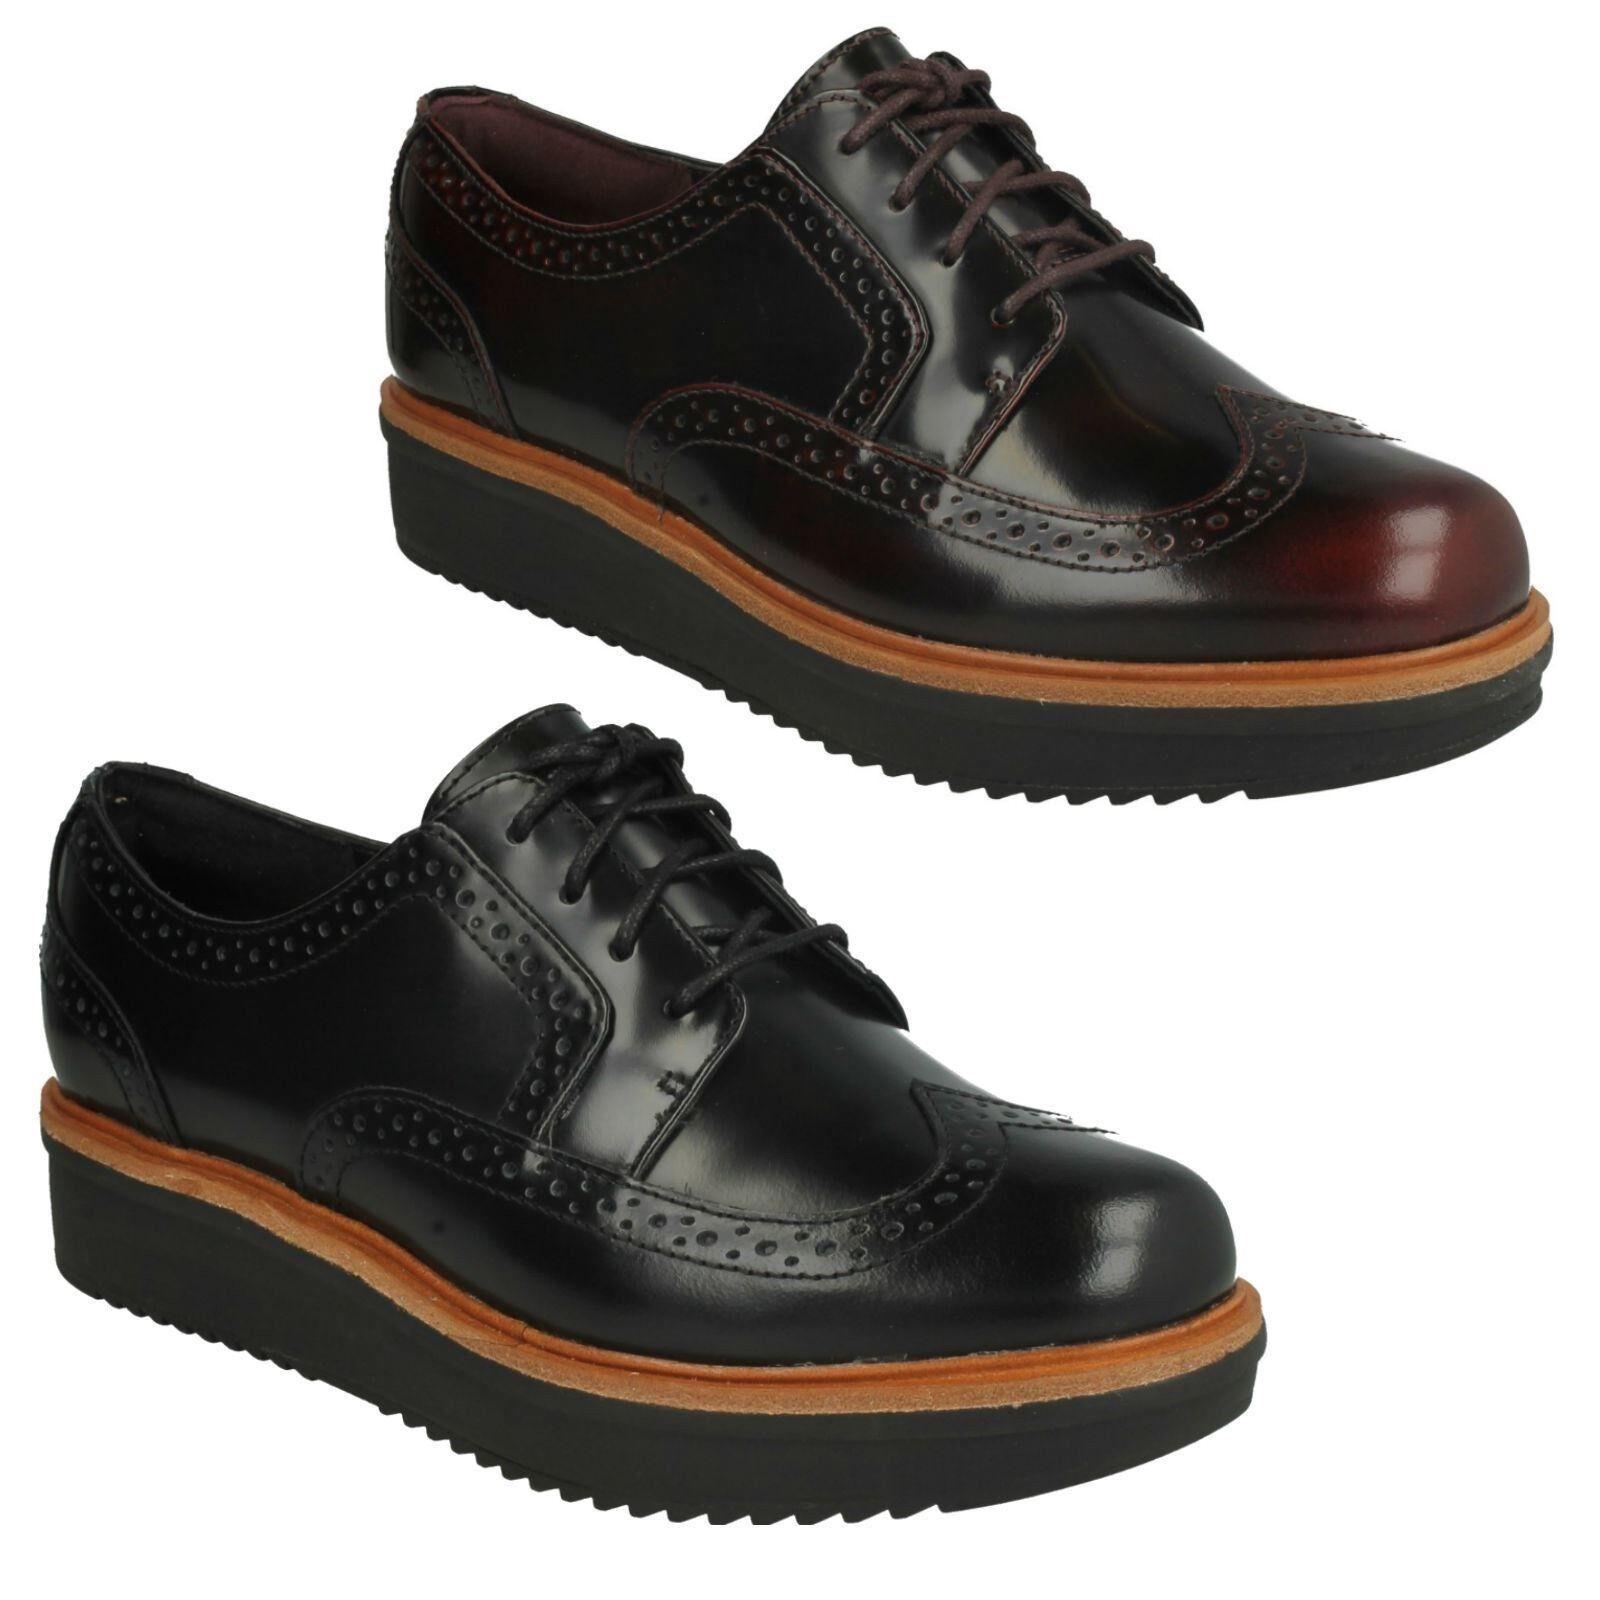 Ladies Clarks Leather Lace  Up Loafer Case Low Heel scarpe Dimensione  fino al 50% di sconto